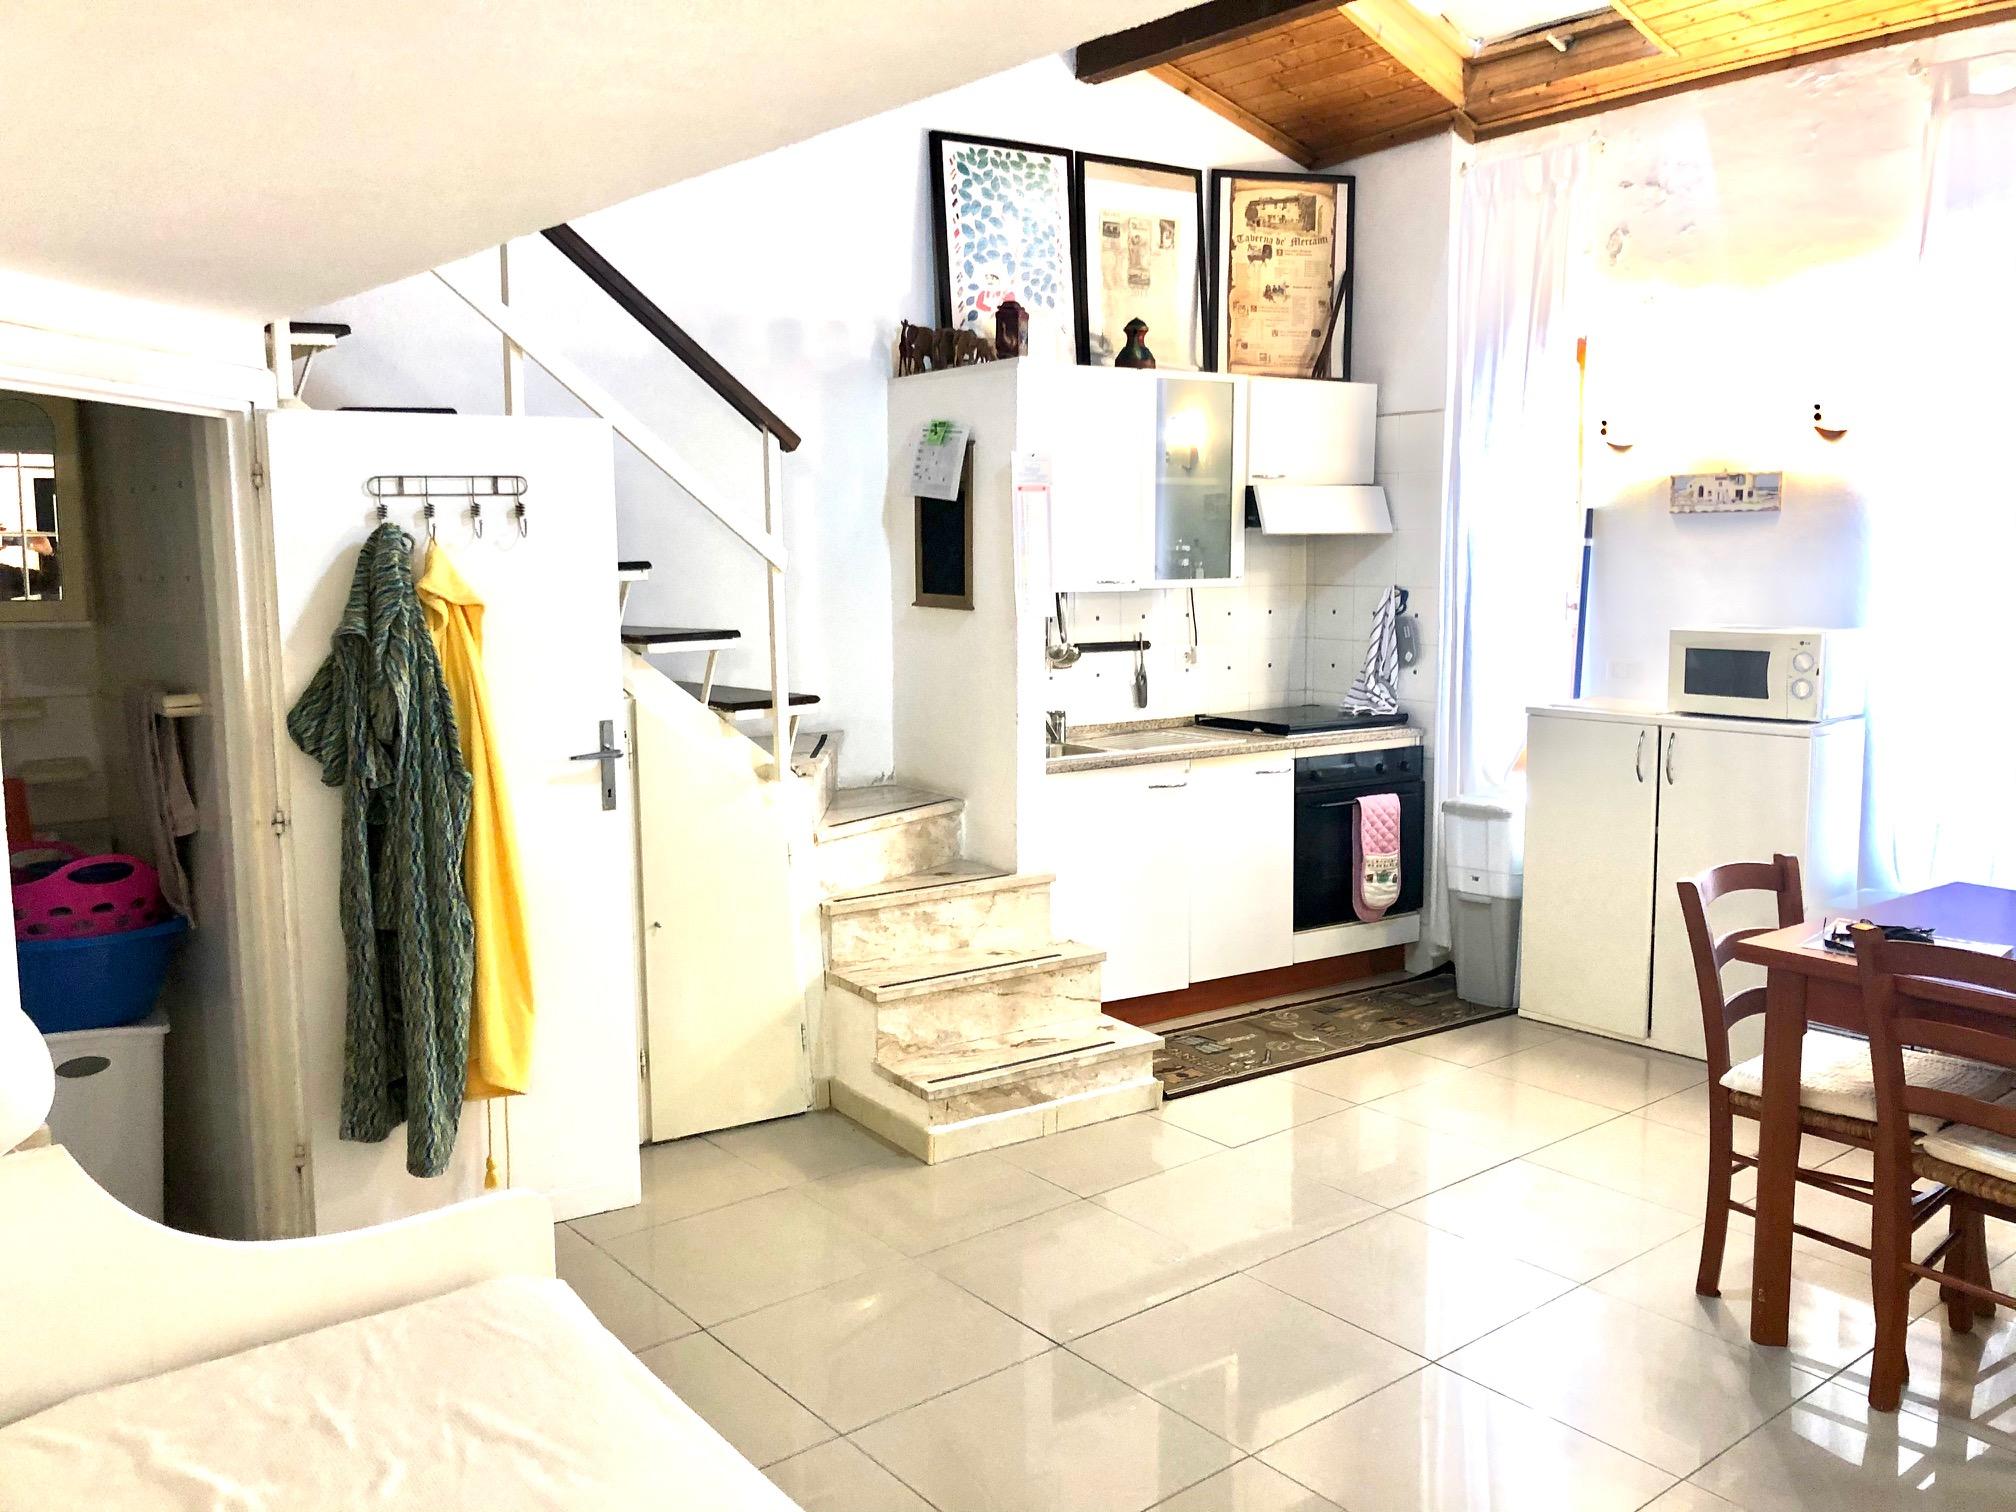 Vendita Appartamento – Via Doria – Alghero